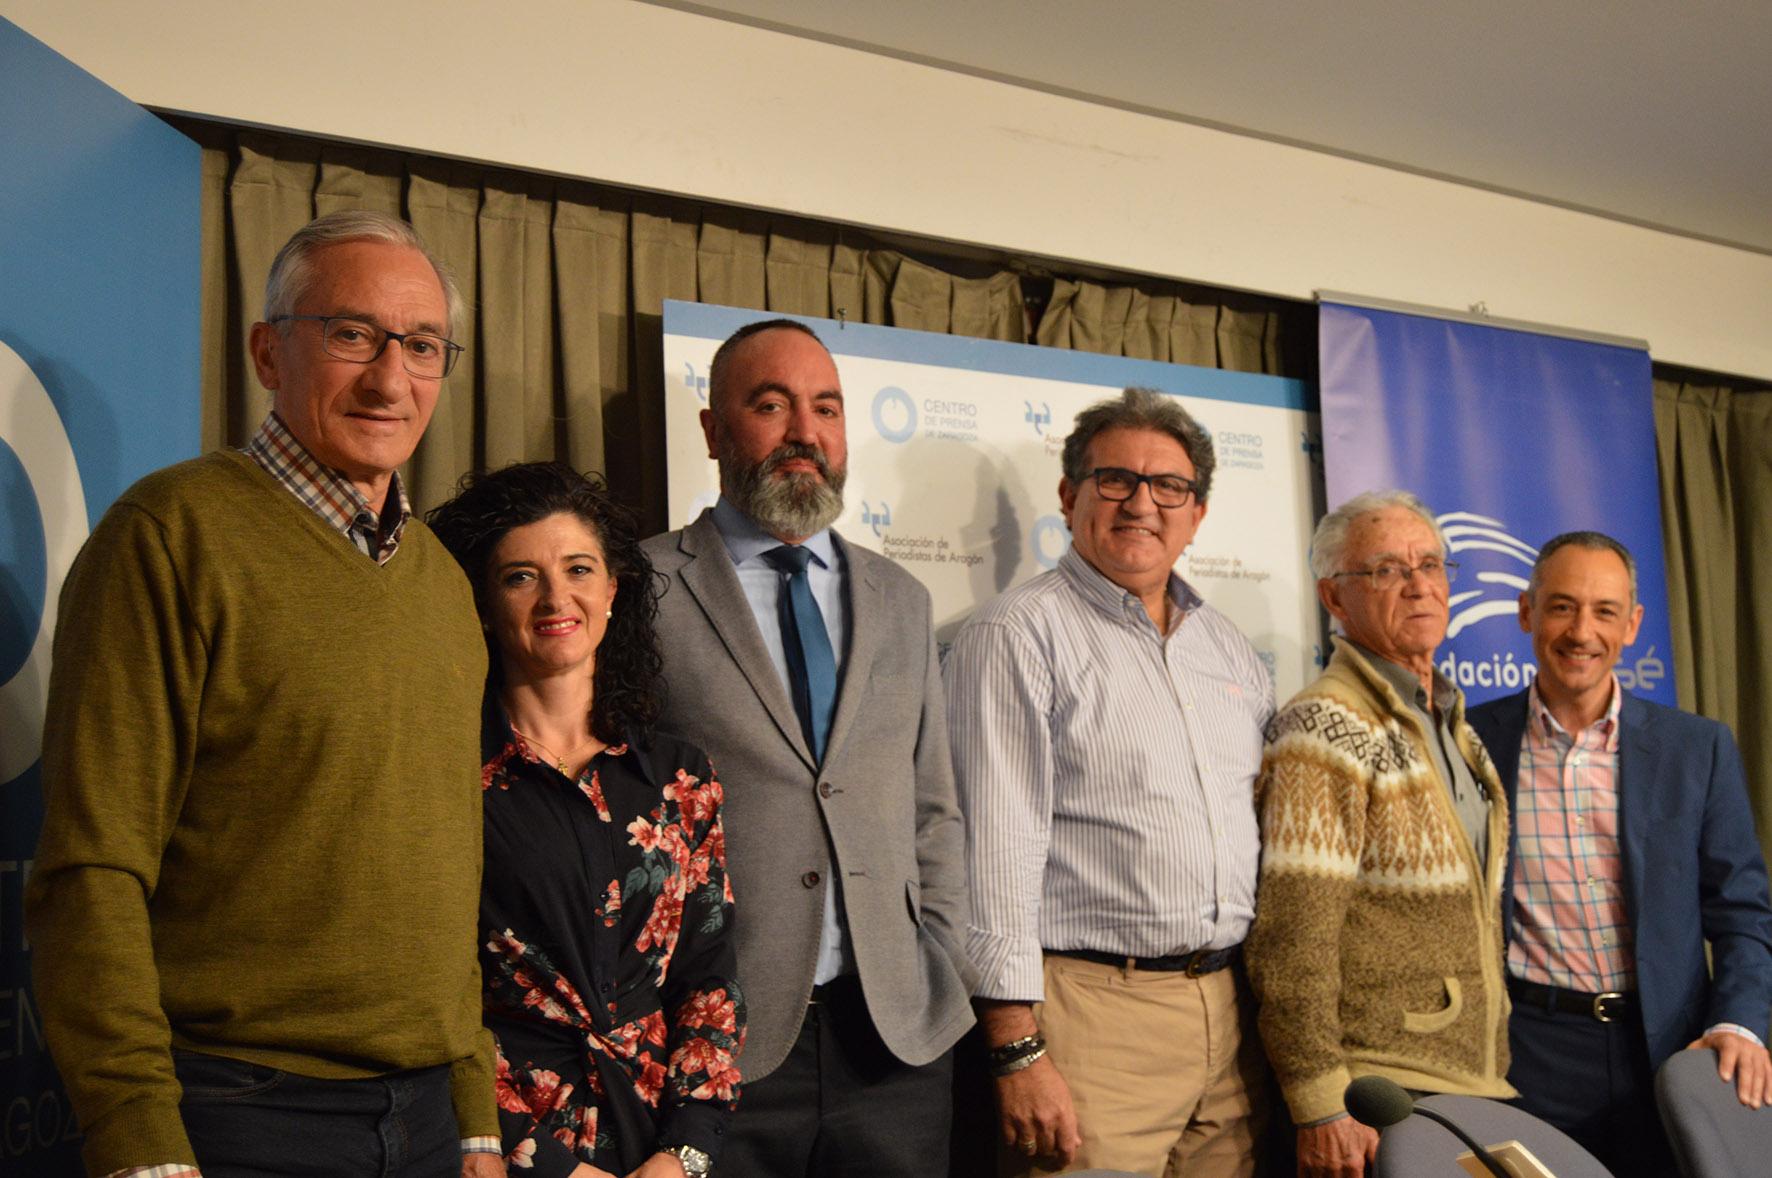 Los hermanos Induráin y Dori Ruano pedalearán contra el cáncer en la Sesé Bike Tour 2019